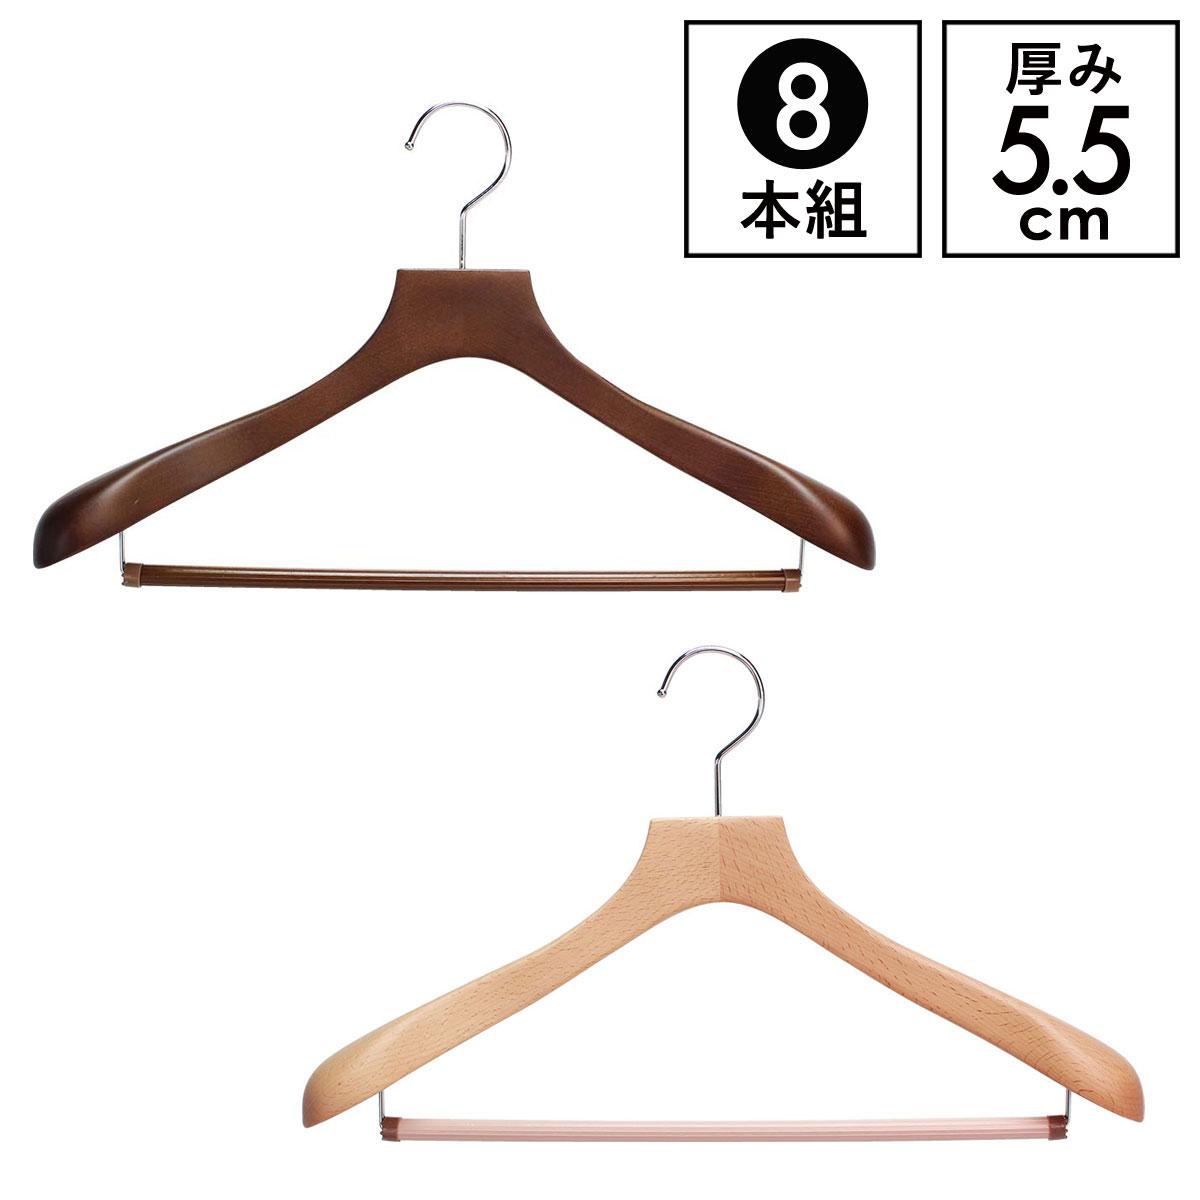 【最大2,000円OFFクーポン】木製ハンガー メンズ ハンガー 木製 フォレスタ 55S 8本組